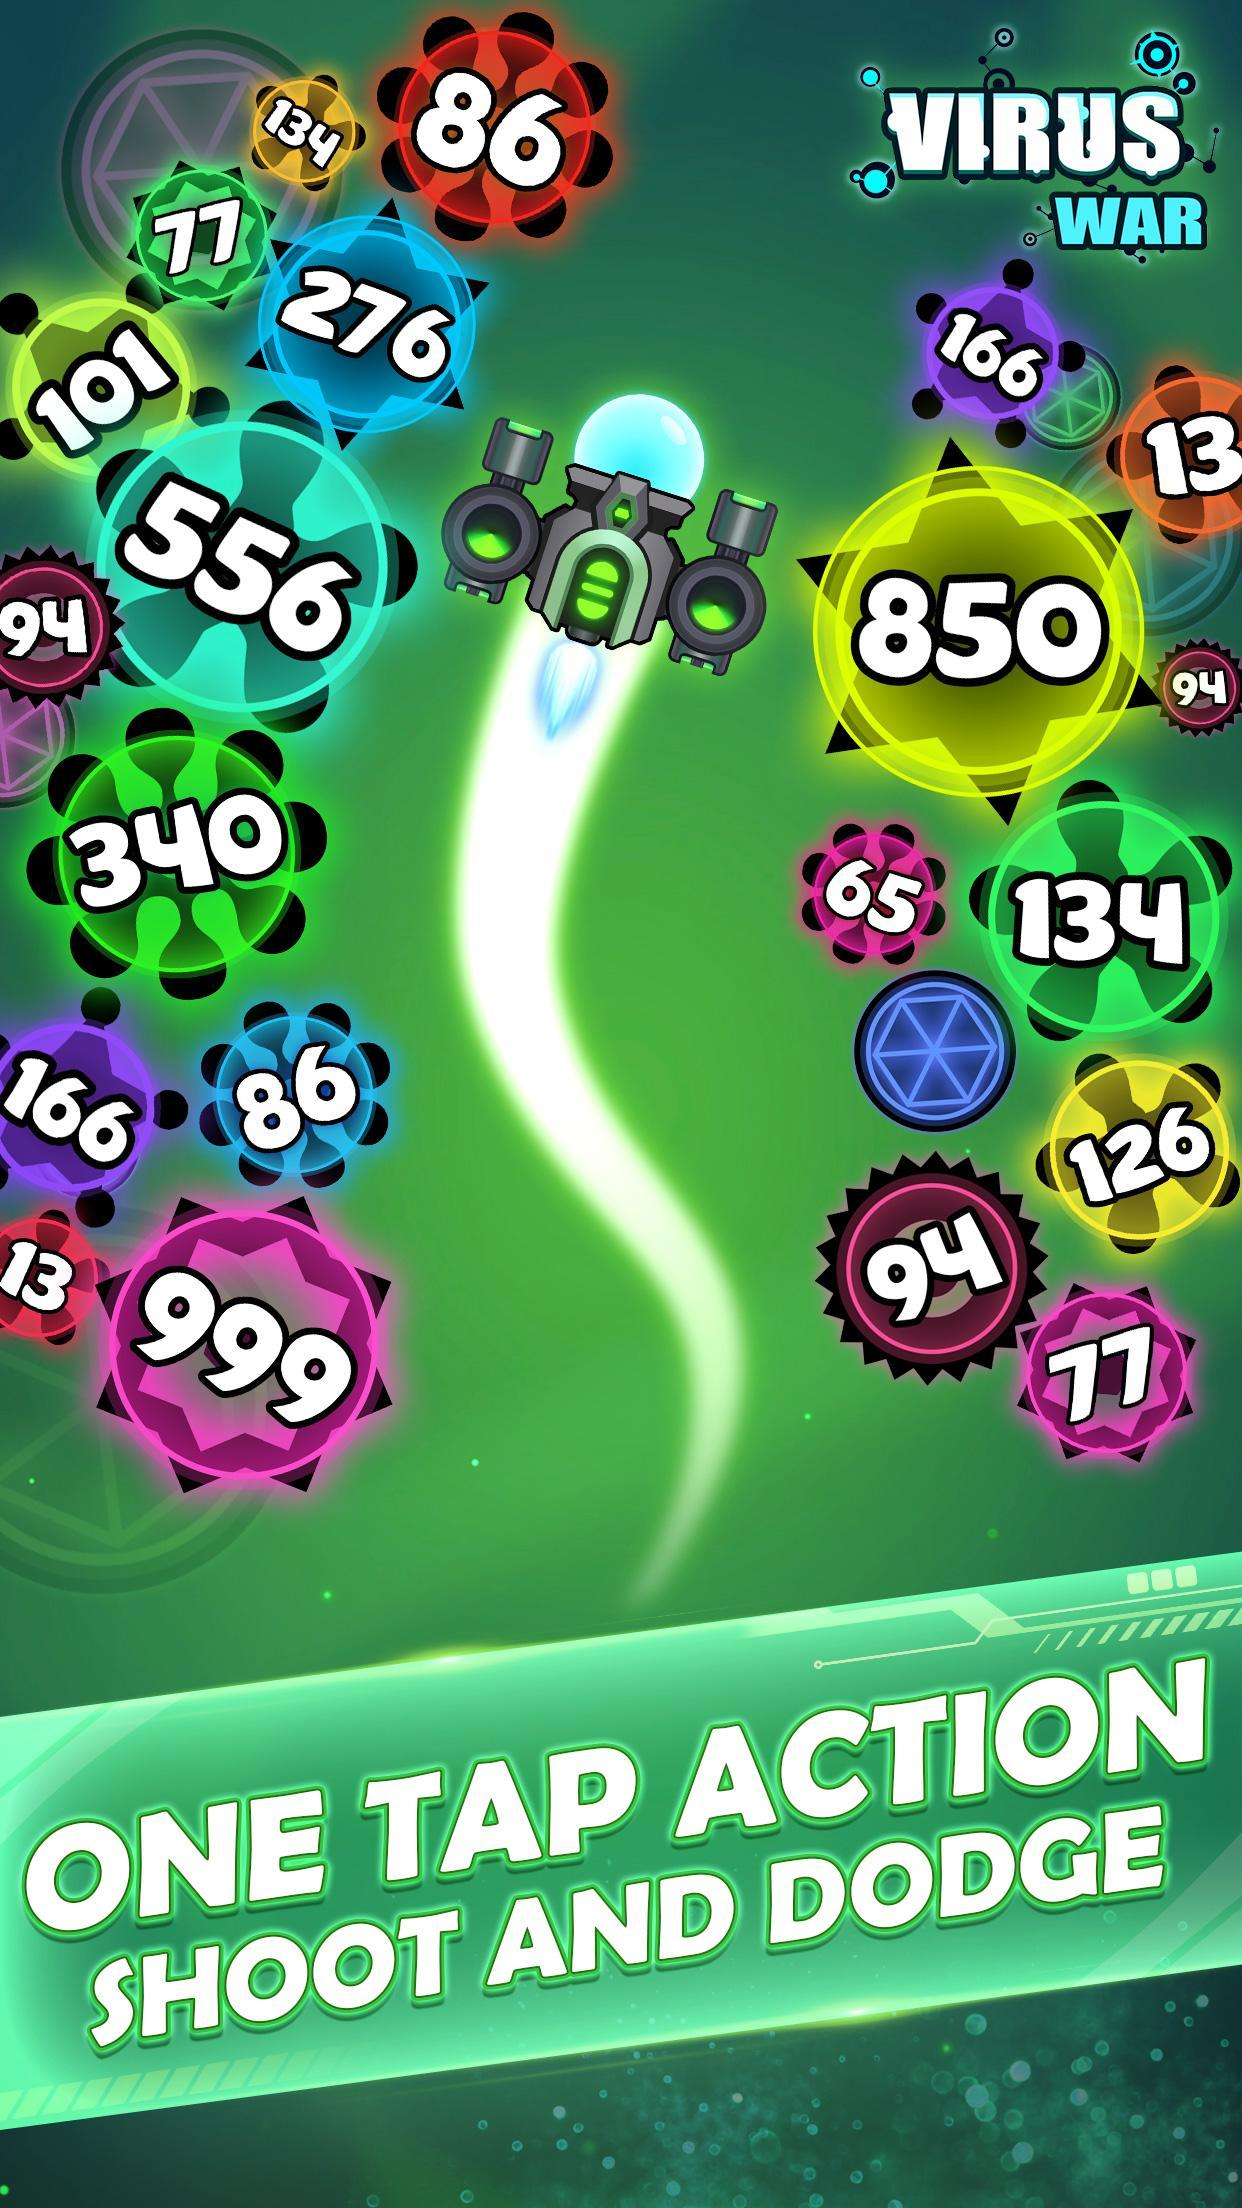 Virus War Space Shooting Game 1.7.9 Screenshot 4